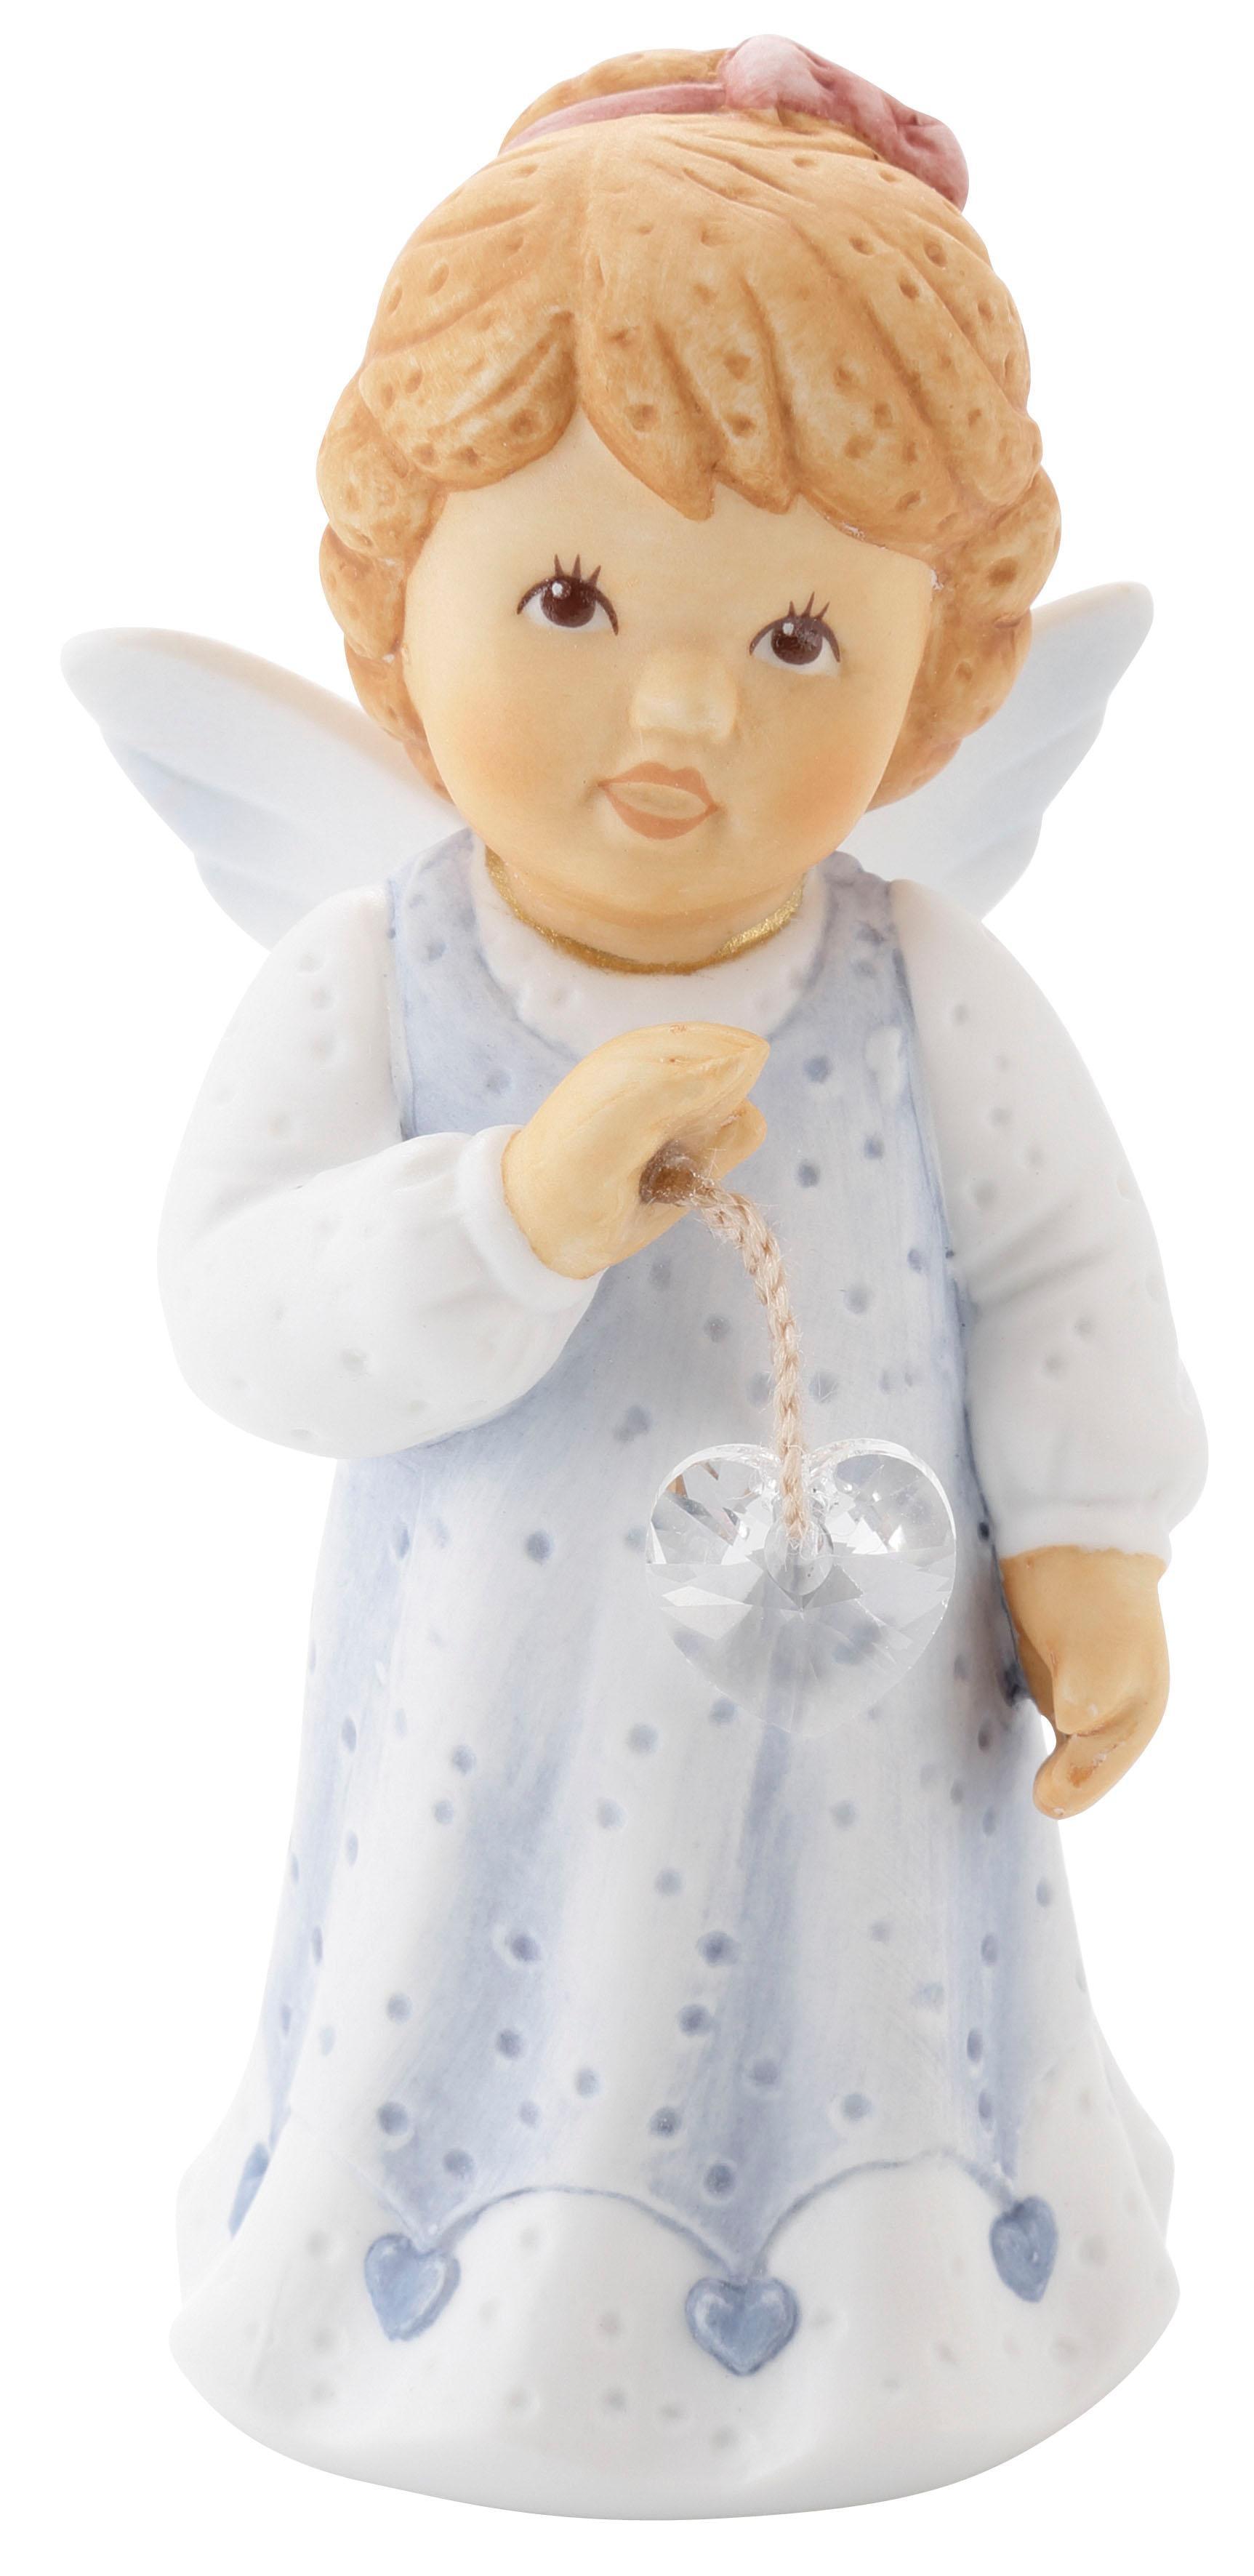 Goebel Engelfigur Du bist wundervoll so wie bist, mit Kristallherz blau Sammlerfiguren Figuren Skulpturen Wohnaccessoires